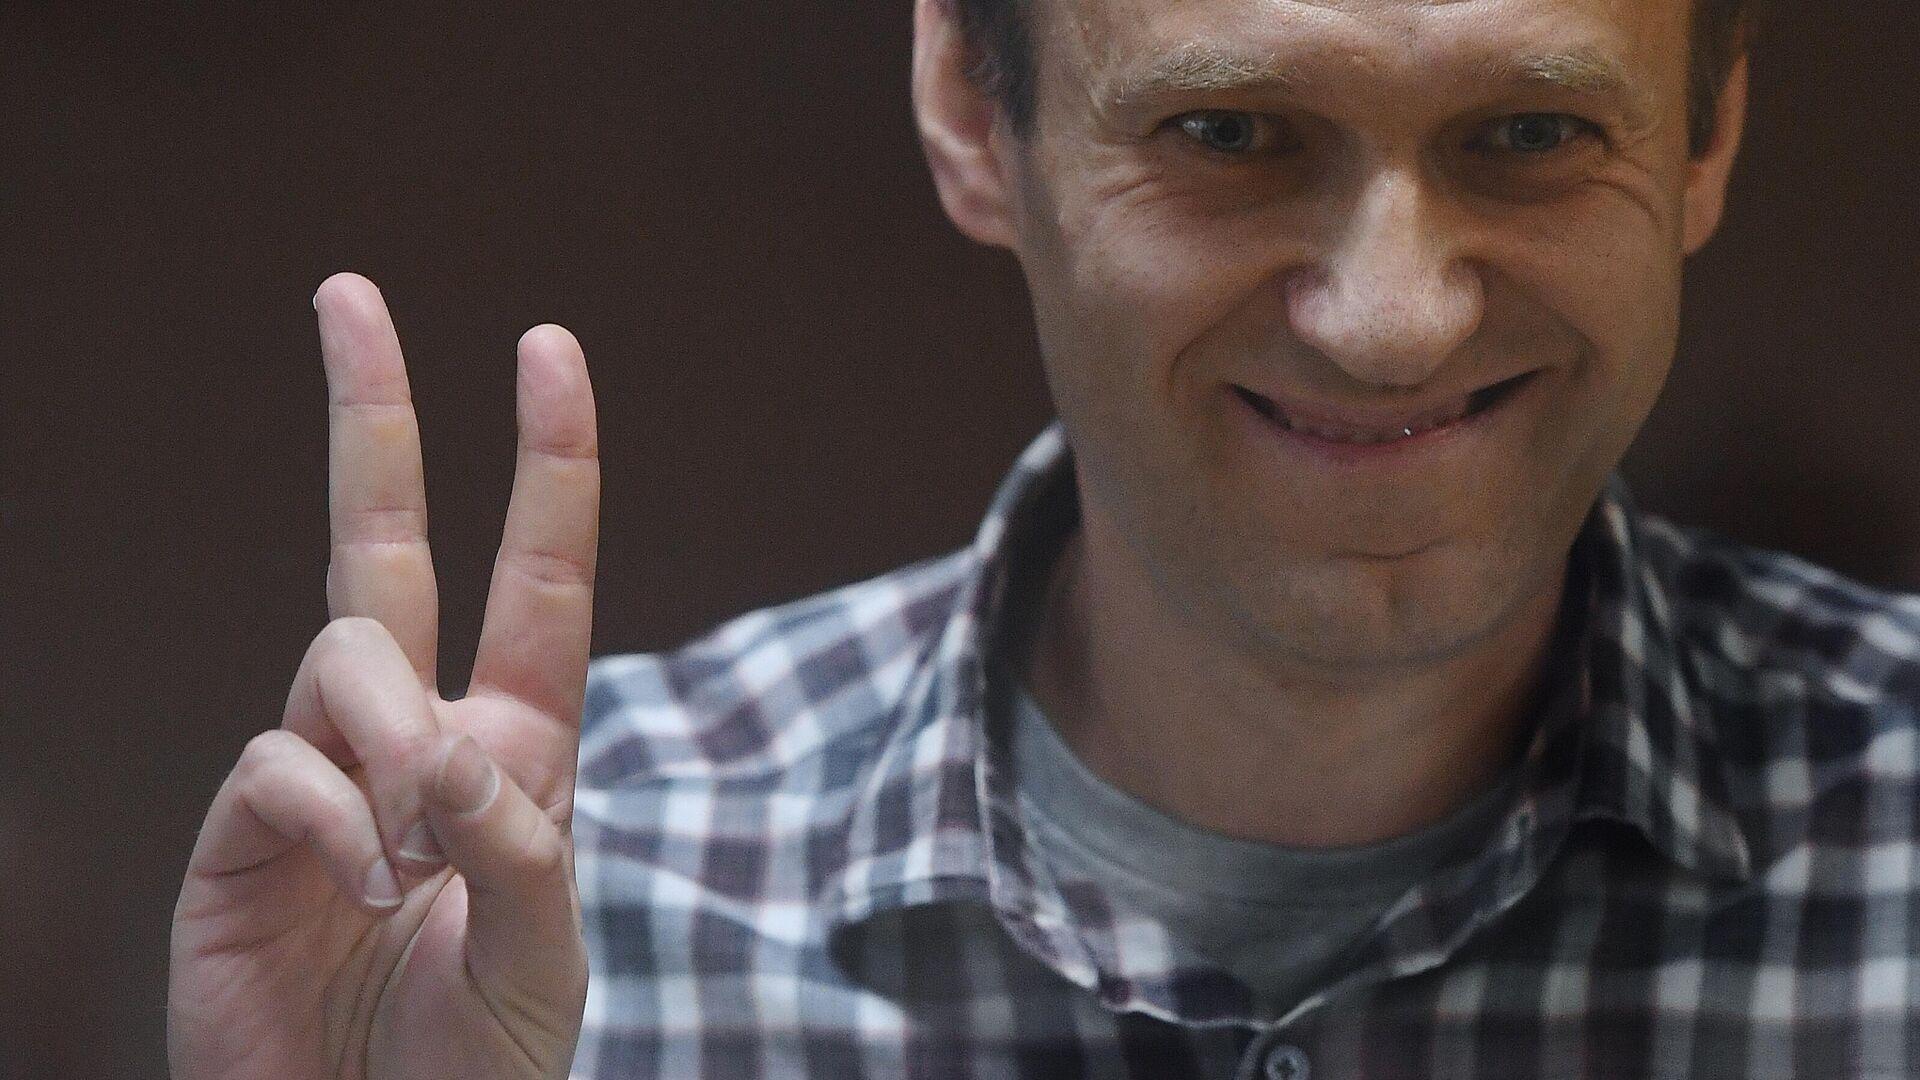 Алексей Навальный в зале Бабушкинского районного суда, где проходит выездное заседание по апелляции на решение суда о замене для него условного наказания на реальное по делу Ив Роше. Съемка через стекло. - Sputnik Ўзбекистон, 1920, 08.09.2021